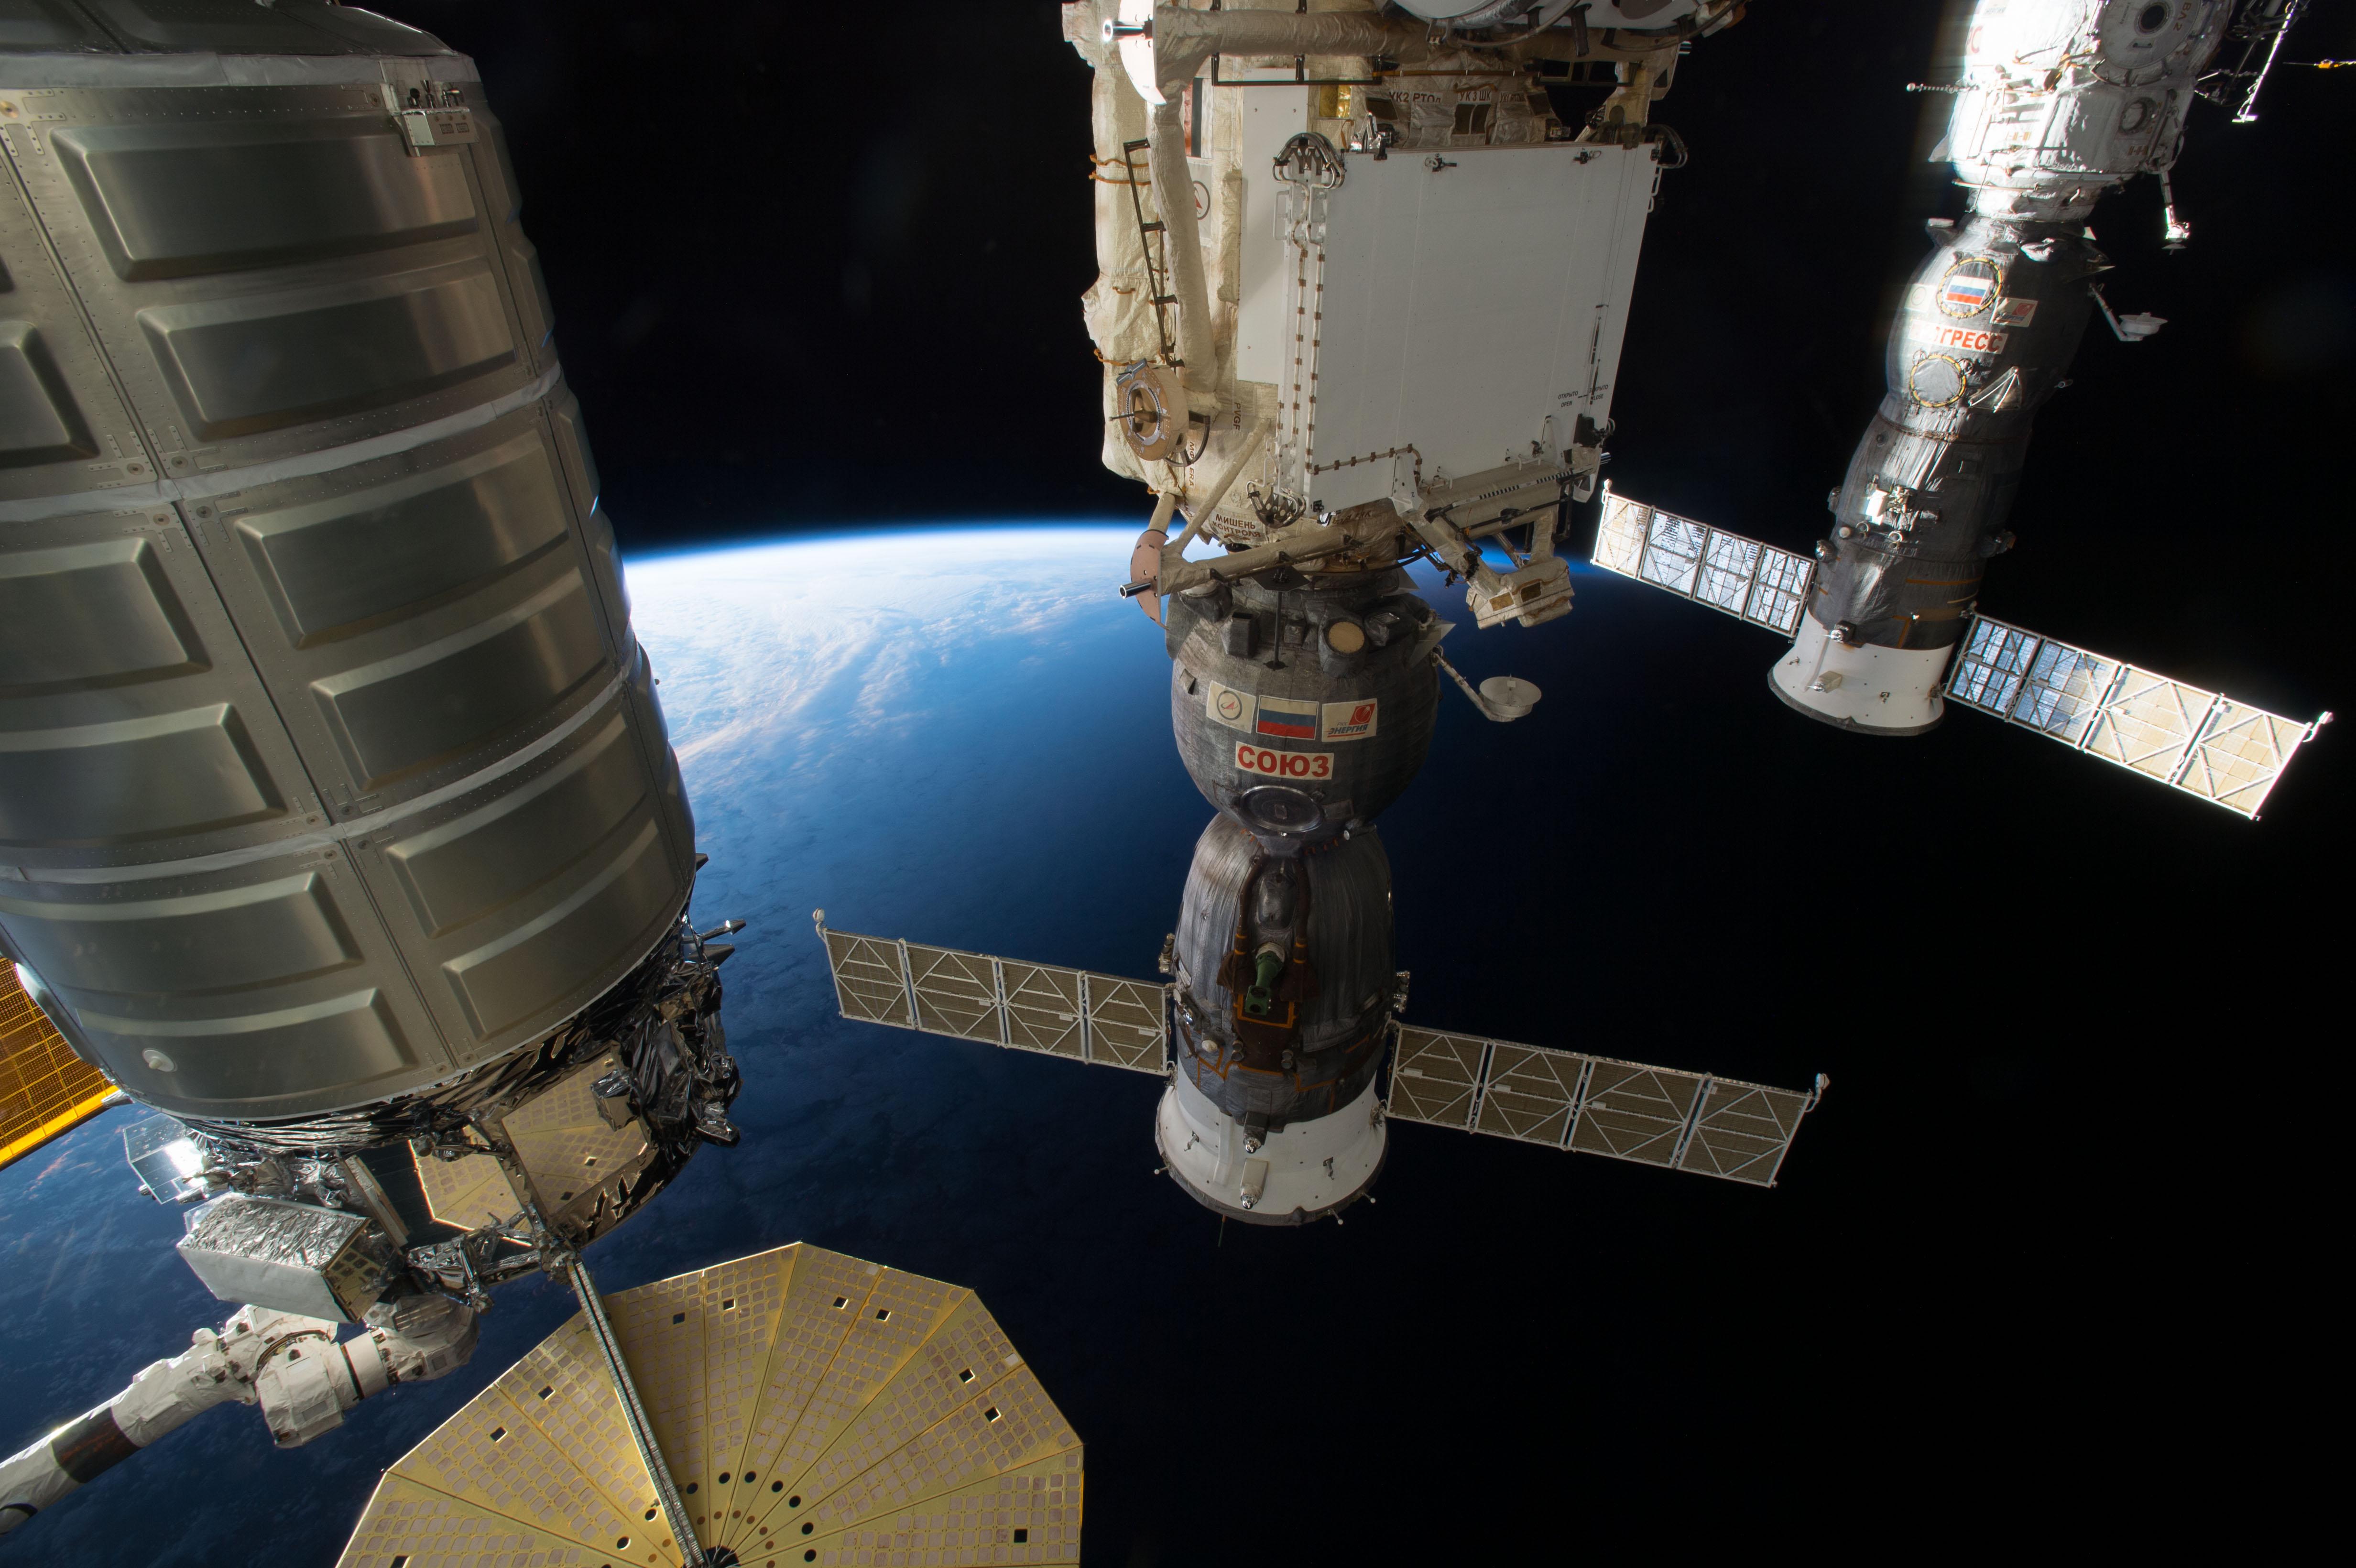 Корабль <i>Cygnus</i>, пристыкованный кМКС рядом сроссийскими пилотируемым «Союзом» игрузовым «Прогрессом». || Фото: www.flickr.com/photos/nasa2explore.